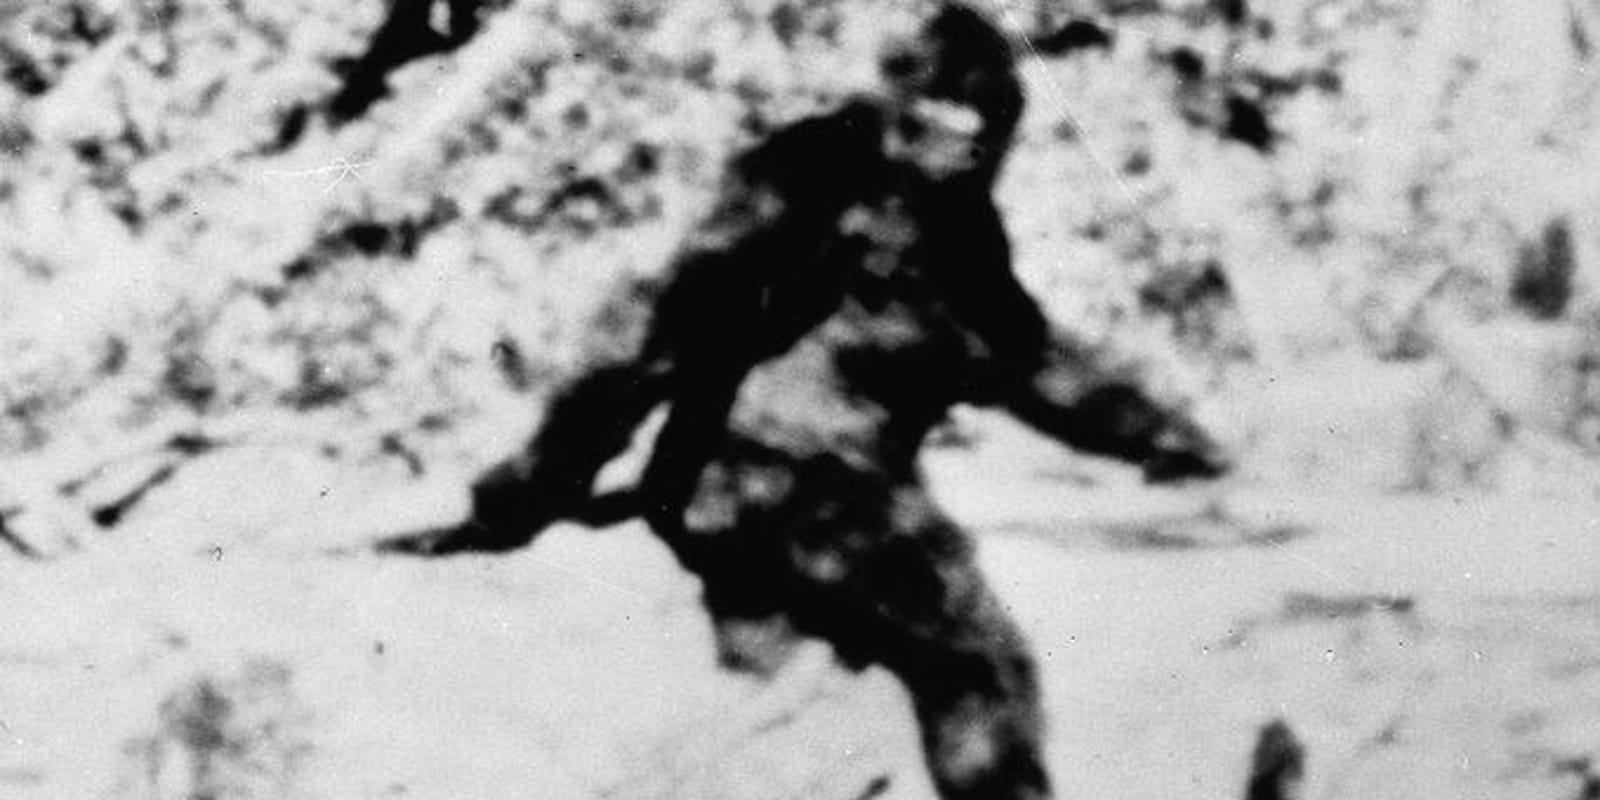 фото заны самки снежного человека известность